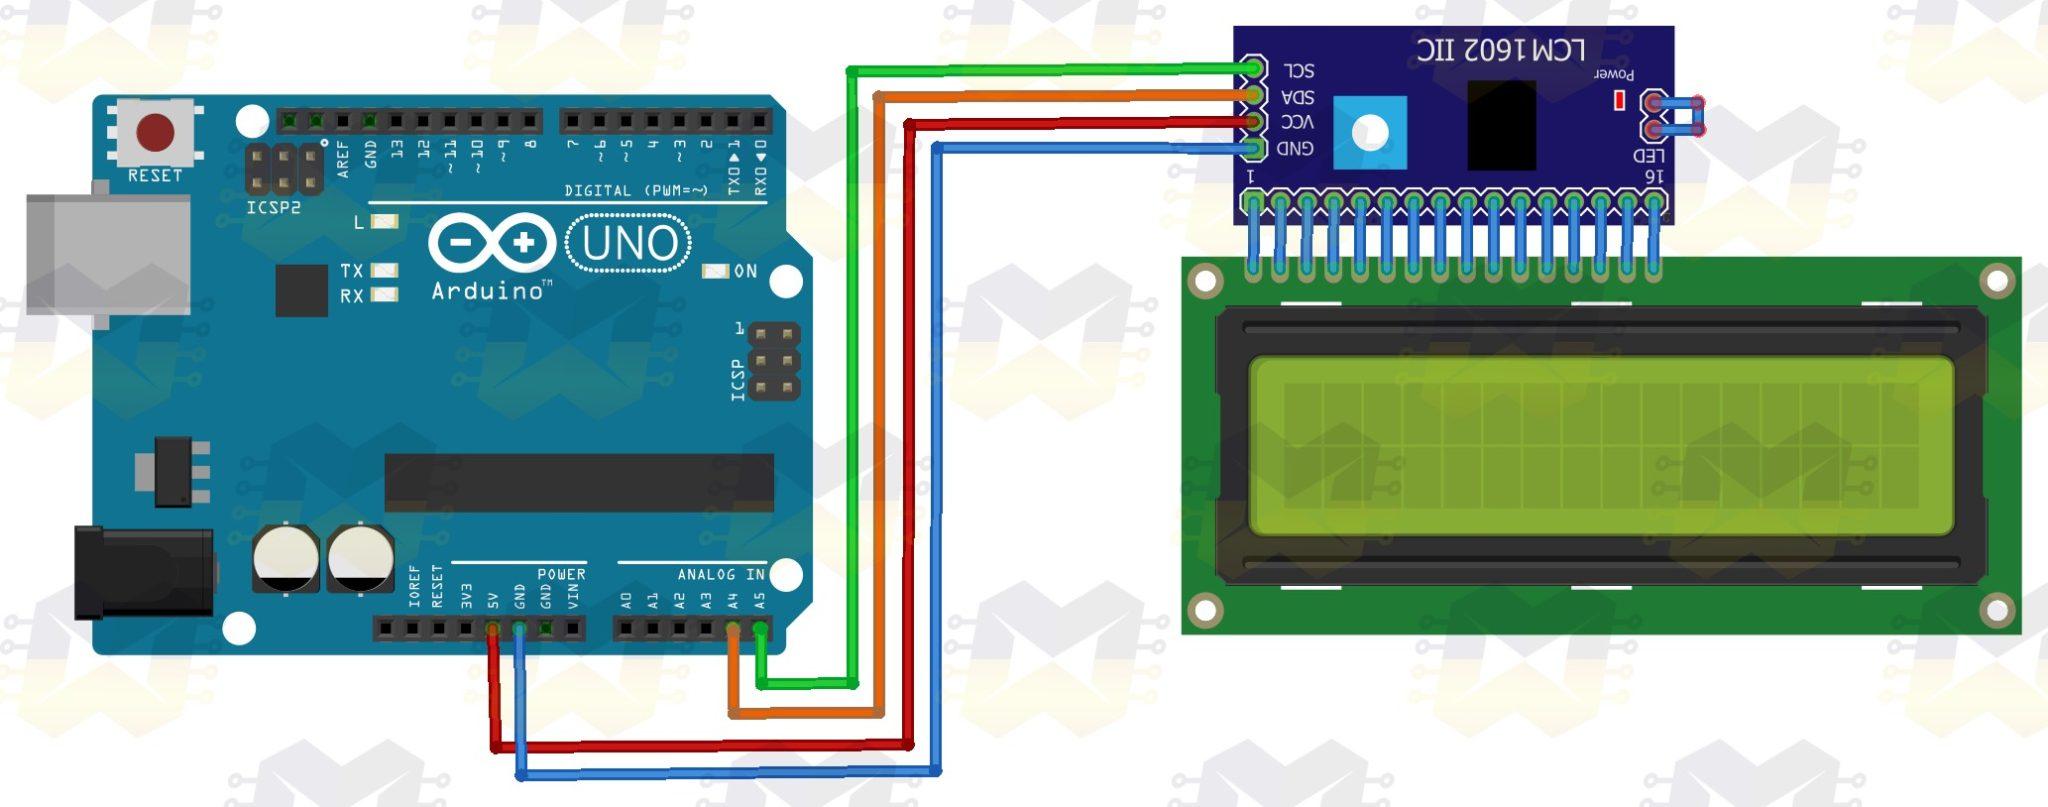 img01_como_usar_com_arduino_modulo_adaptador_i2c_para_display_lcd_16x2_20x4_uno_mega_2560_nano_comunicacao